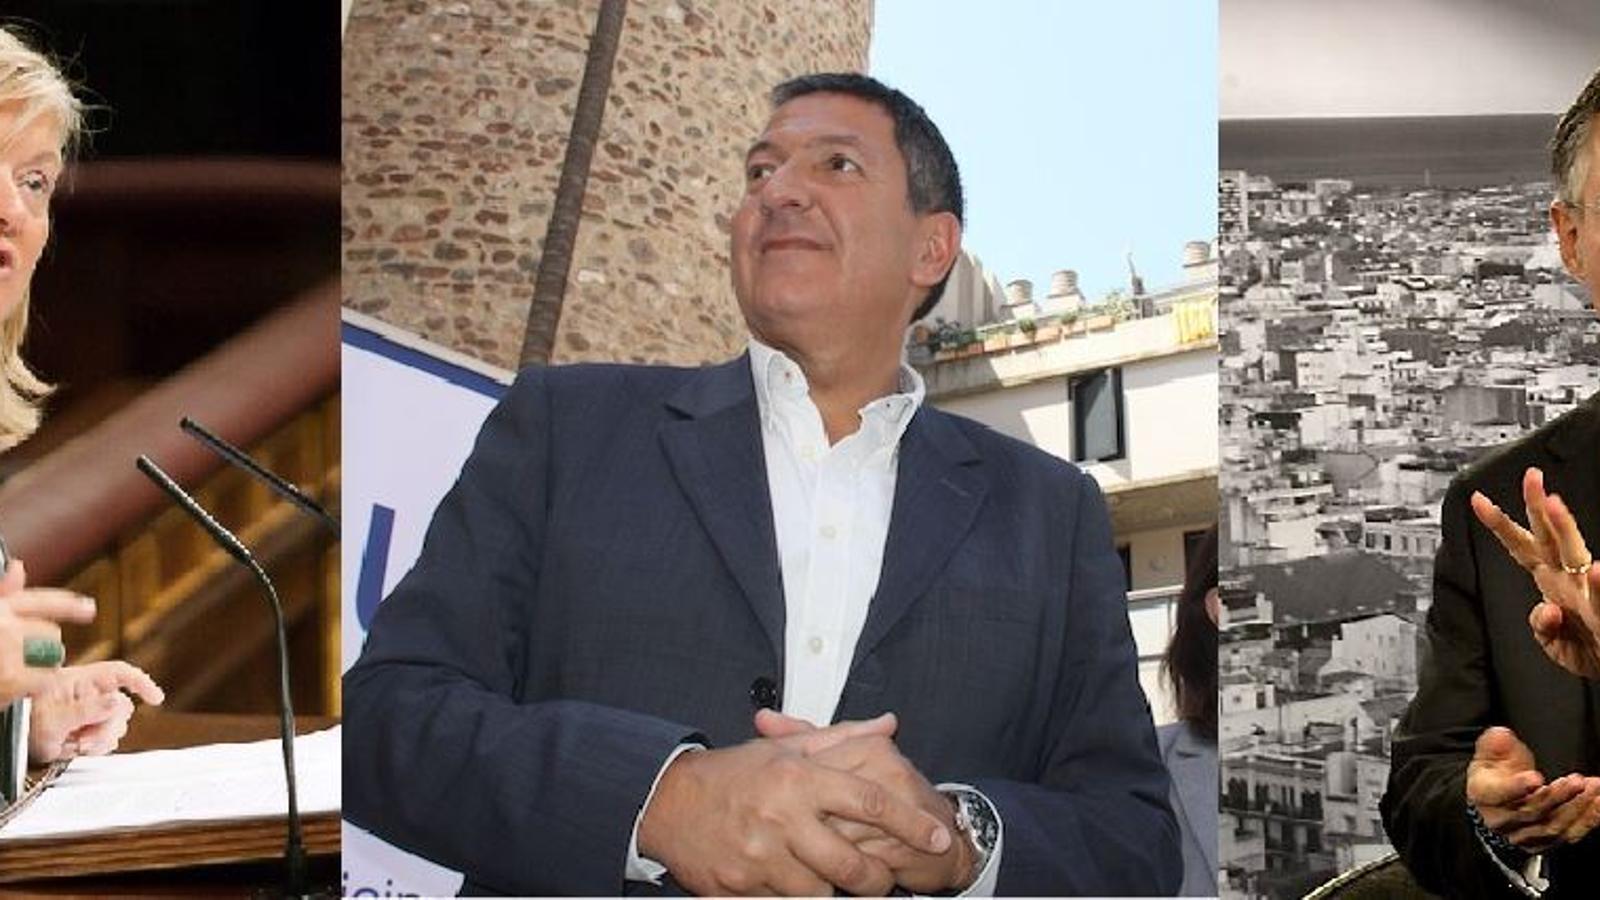 Els tres nous consellers del Govern: Àngels Ponsa (Cutura), Miquel Samper (Interior) i Ramon Tremosa (Empresa)